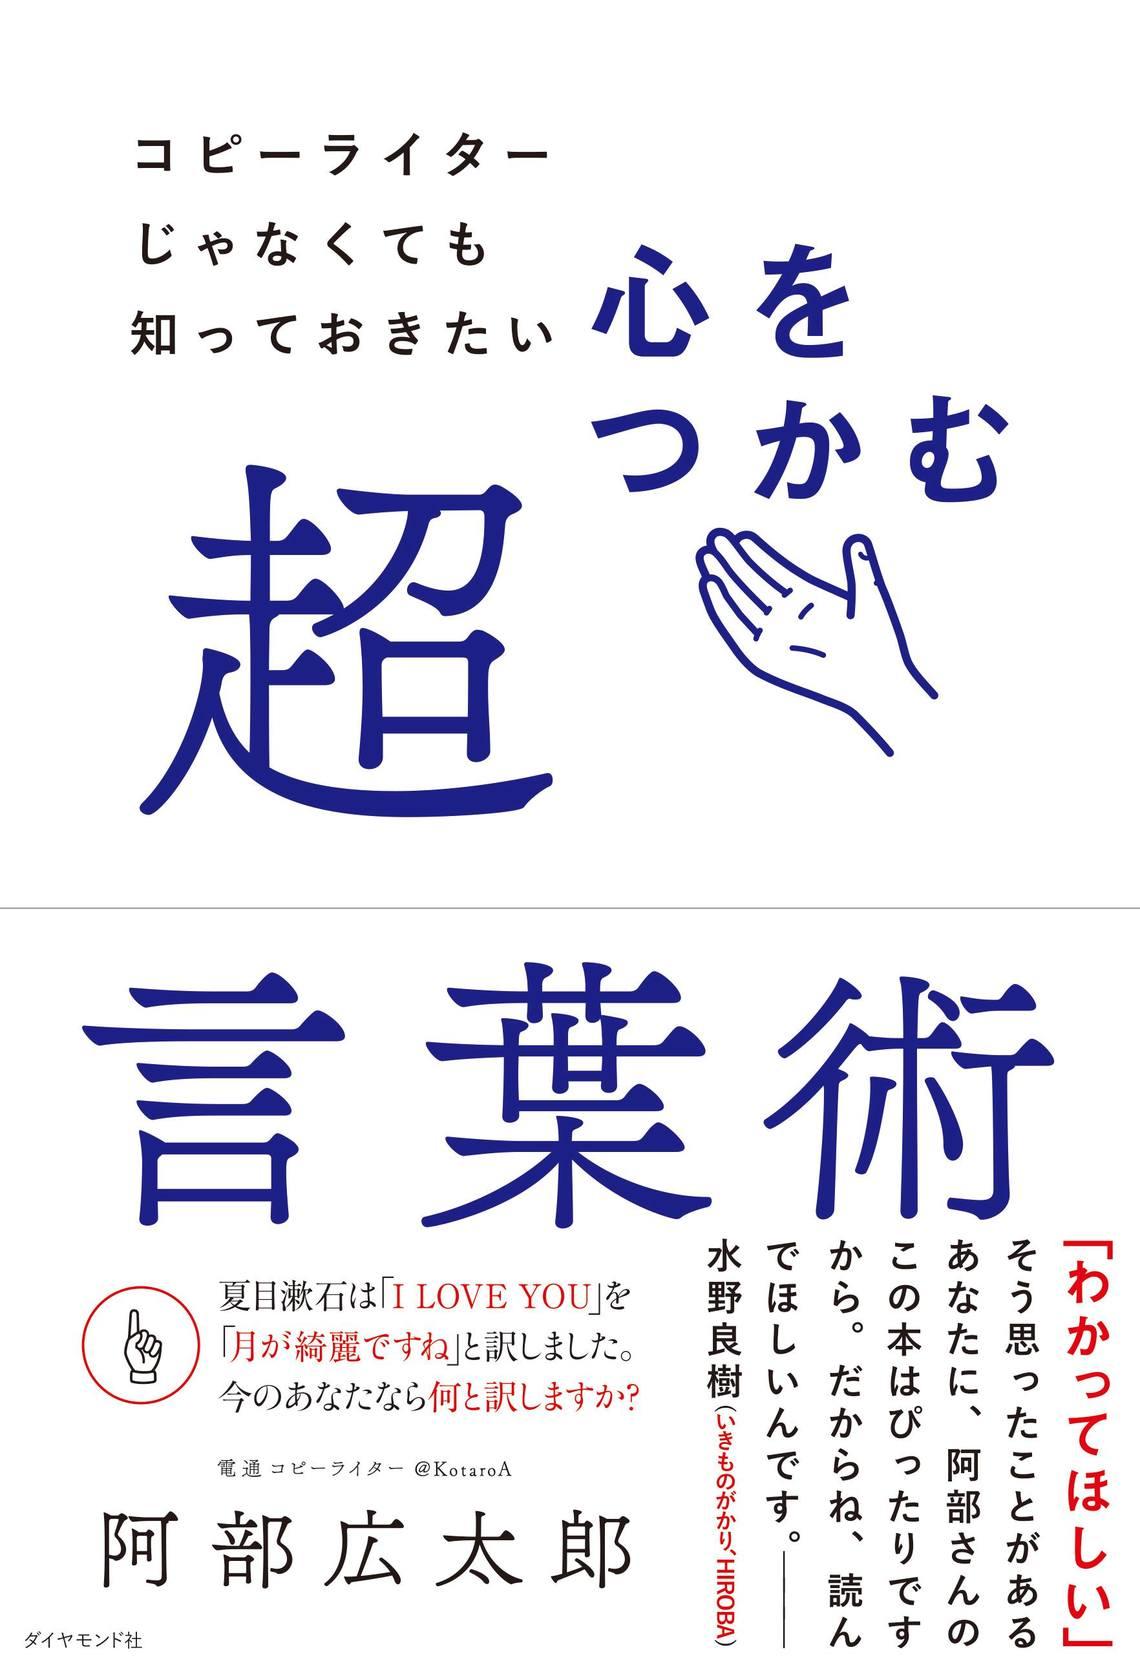 ・阿部広太郎氏の著書「コピーライターじゃなくても知っておきたい 心をつかむ超言葉術」書影